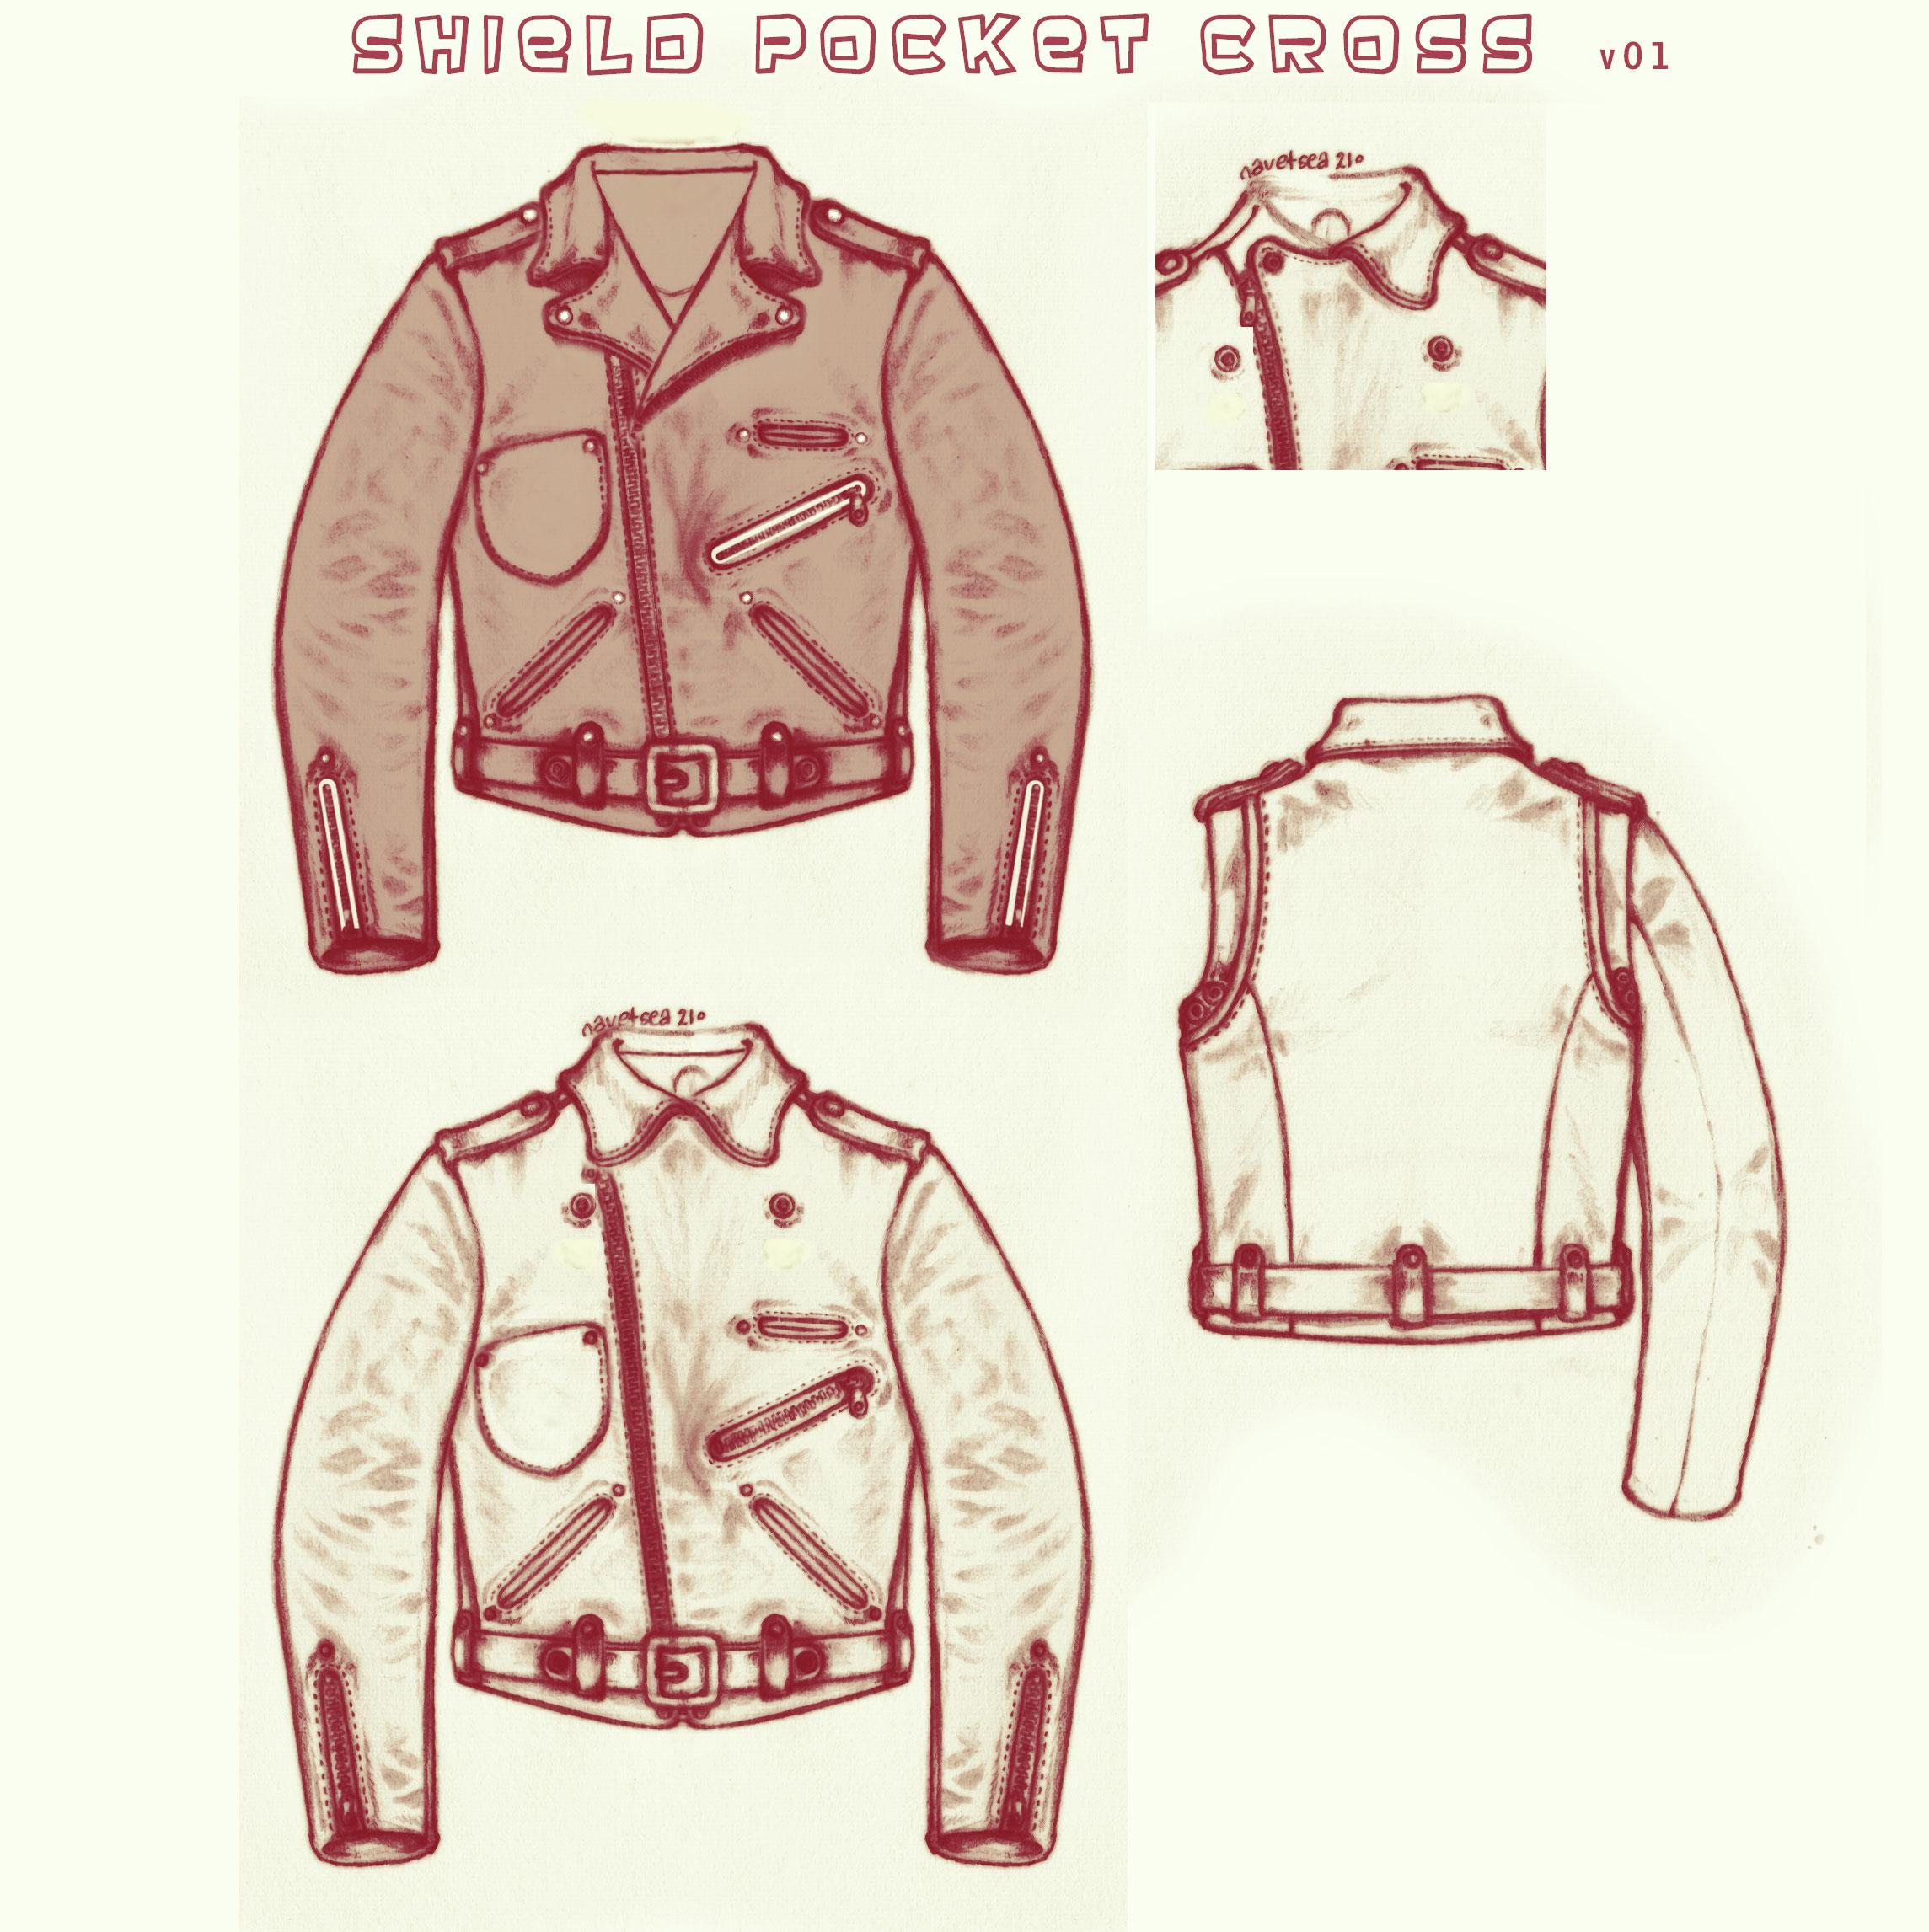 shield-pocket-cross-v01.jpg